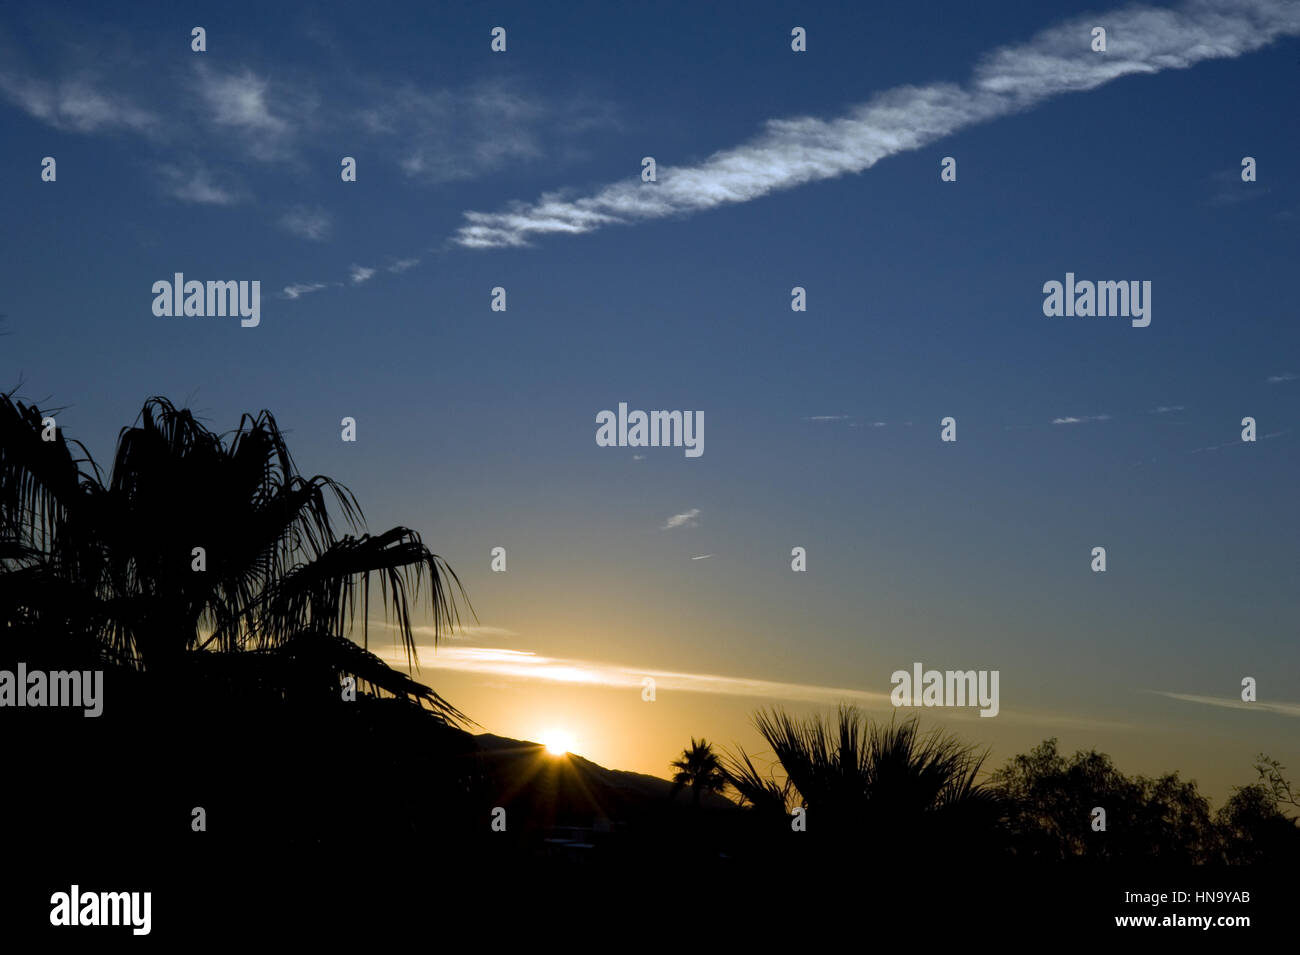 Sunrise in the desert near Palm Springs, CA - Stock Image